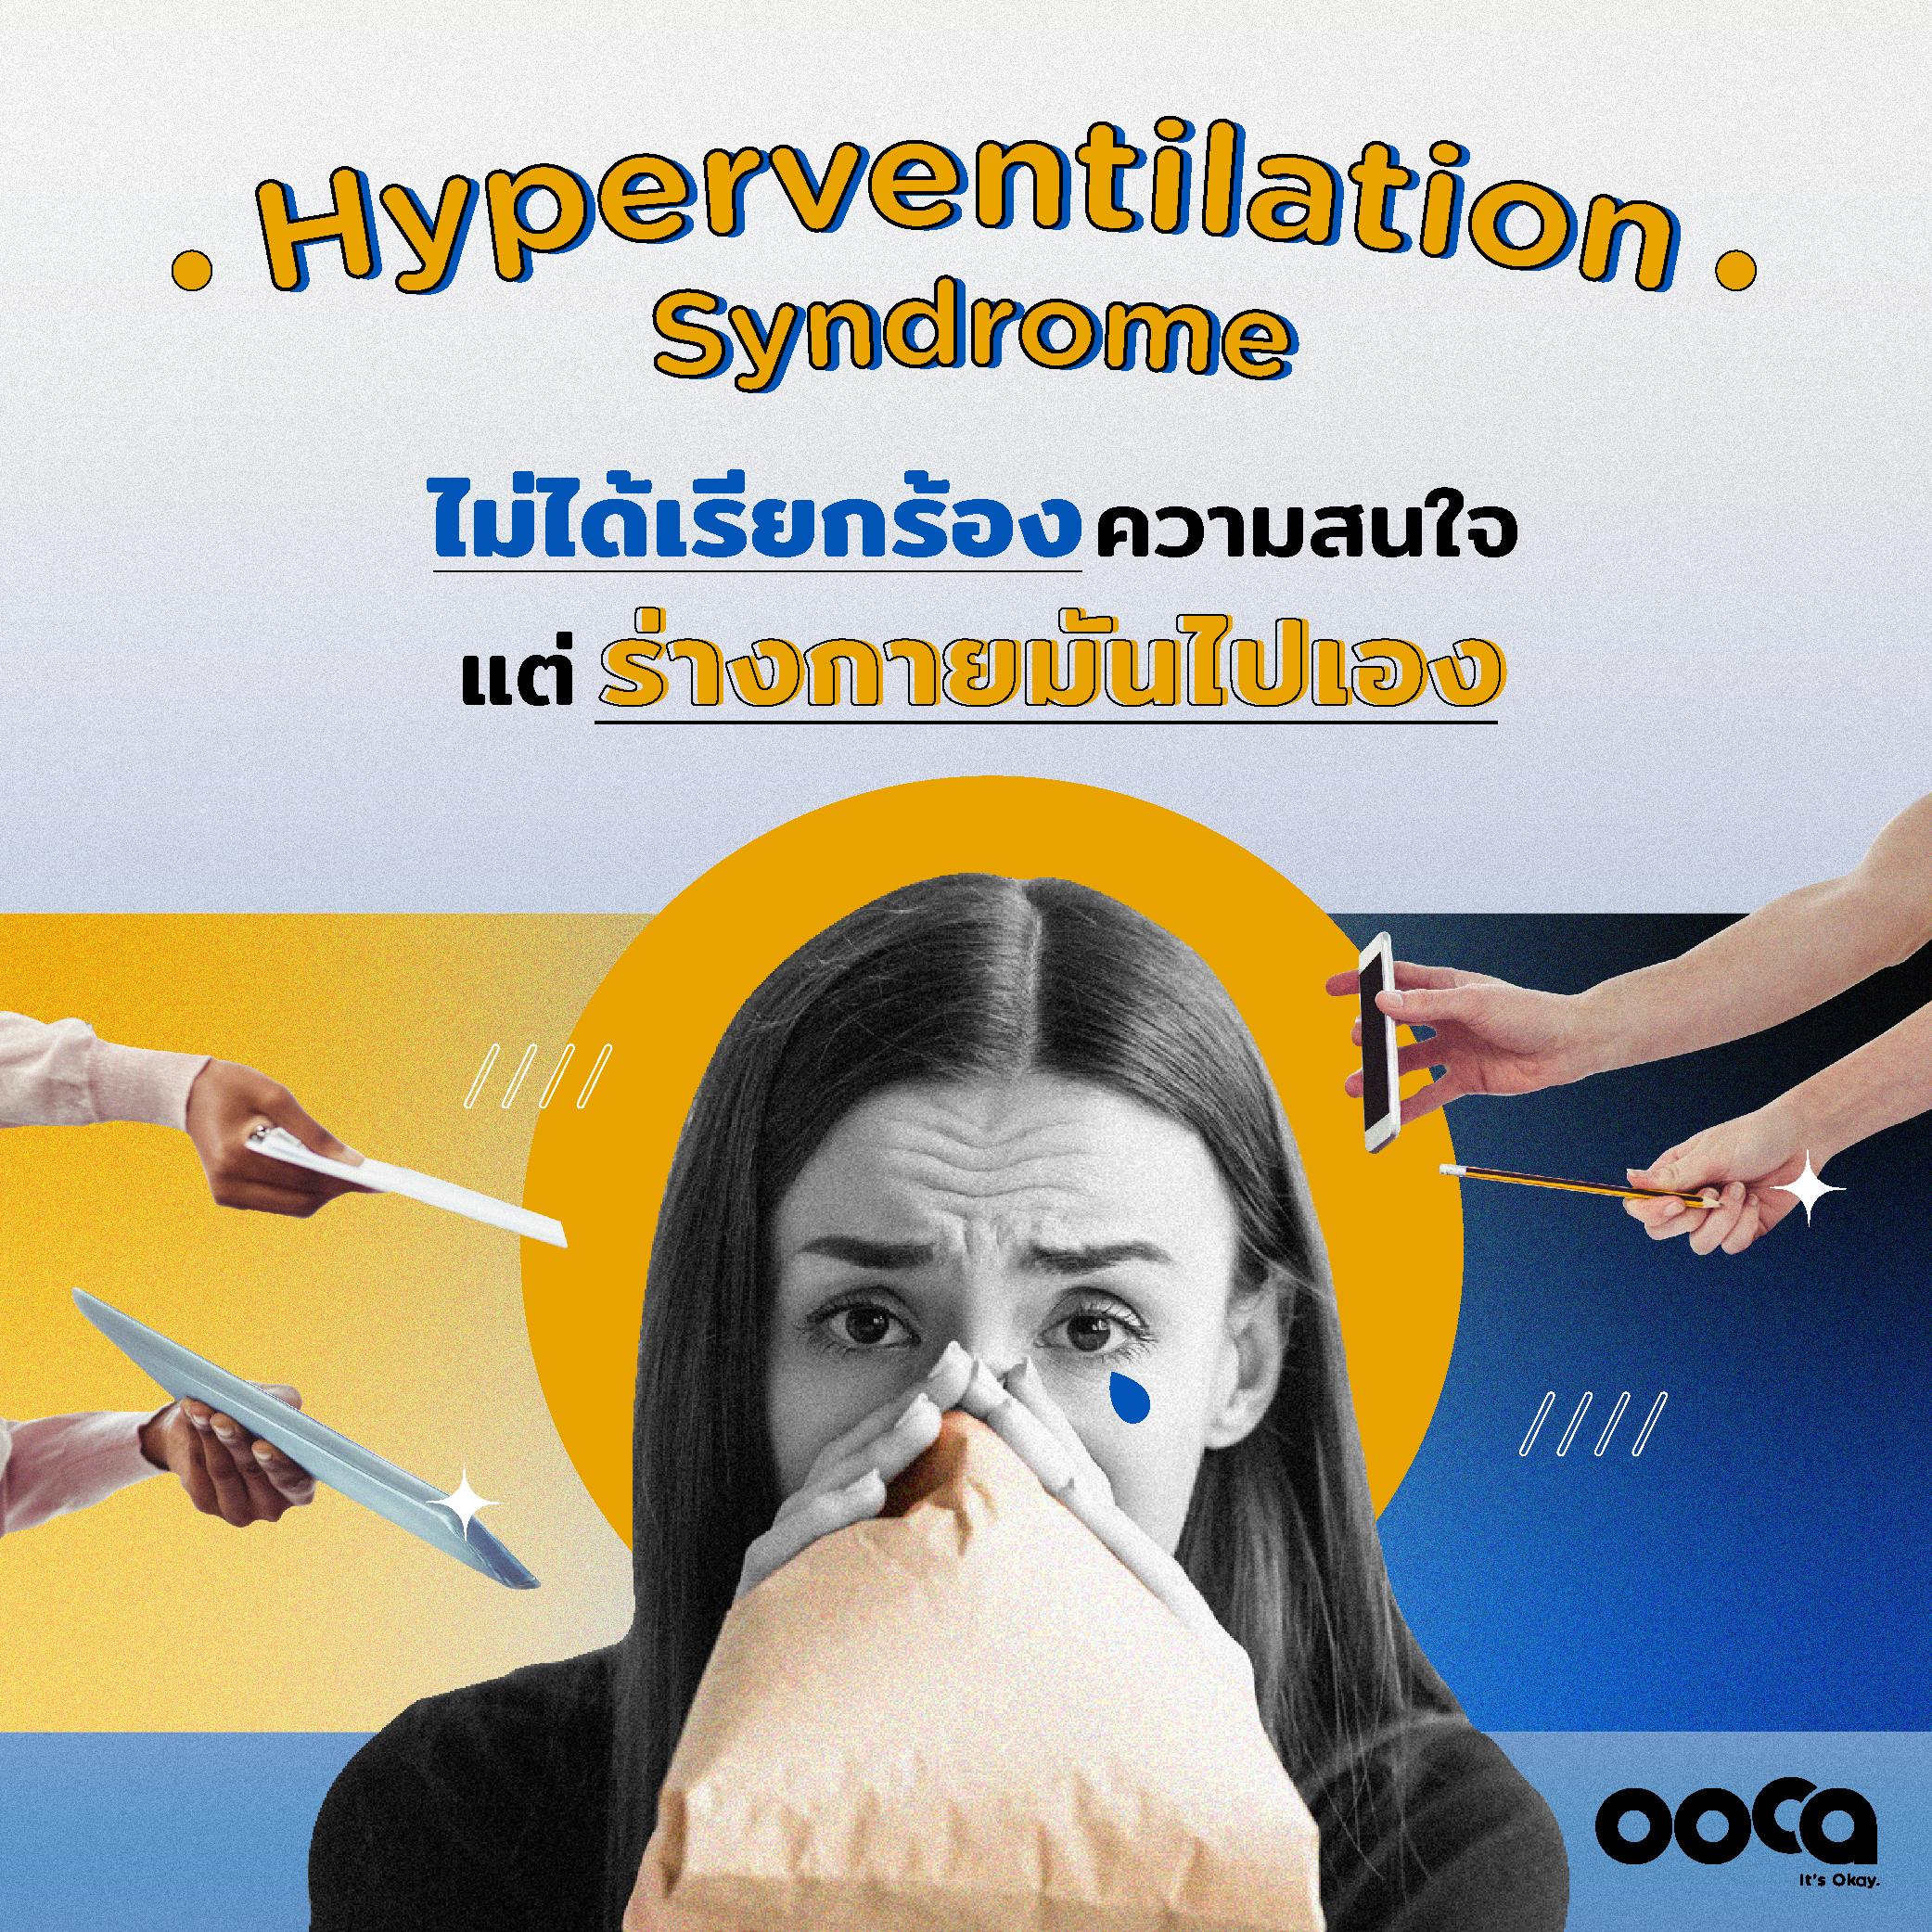 เครียด ซึมเศร้า พบจิตแพทย์ ไฮเปอร์เวน โรคเรียกร้องความสนใจ